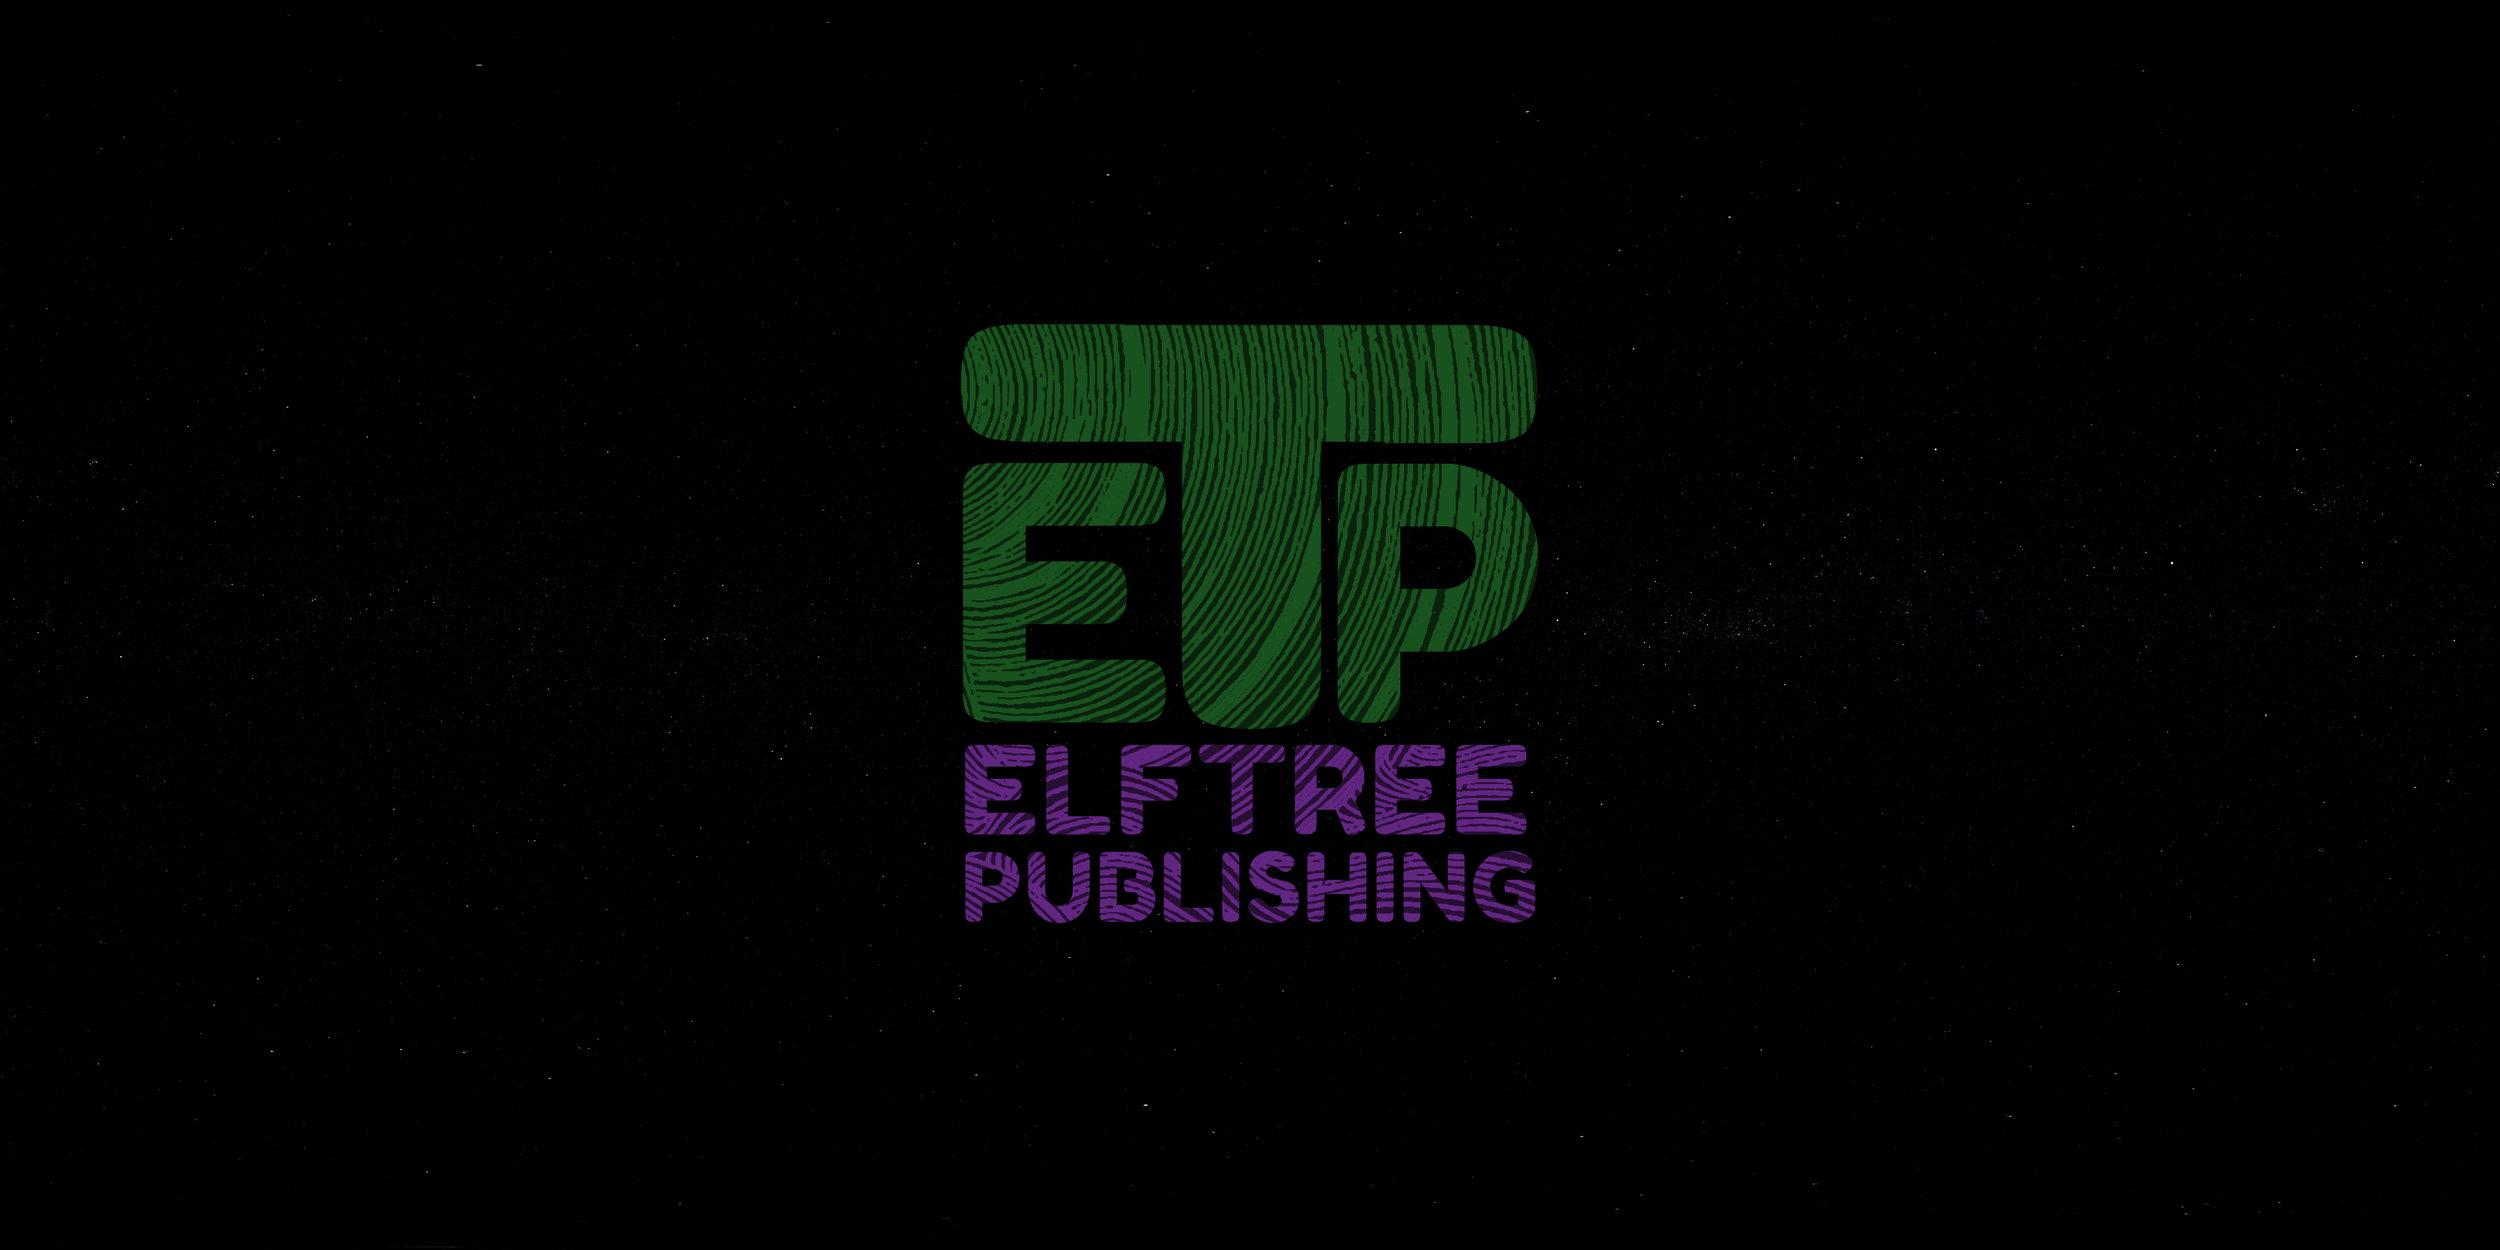 ElfTreePublishingSpaceBackground.jpg